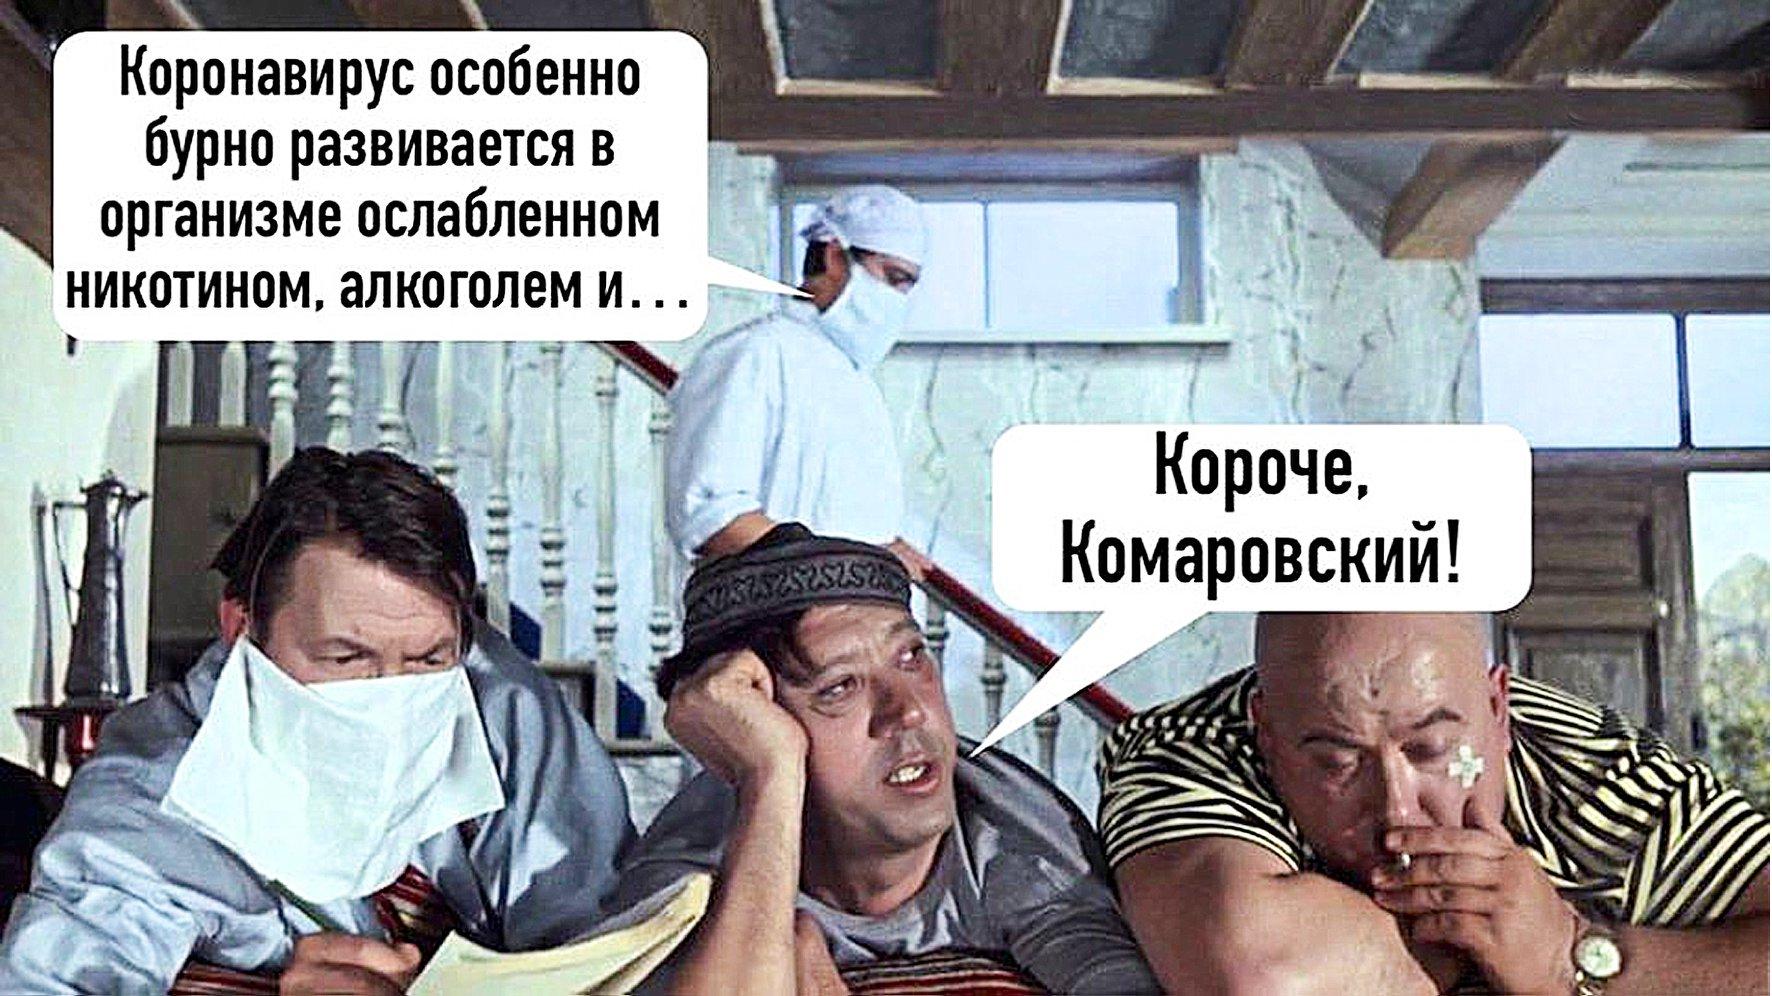 Интересные анекдоты об инфекции